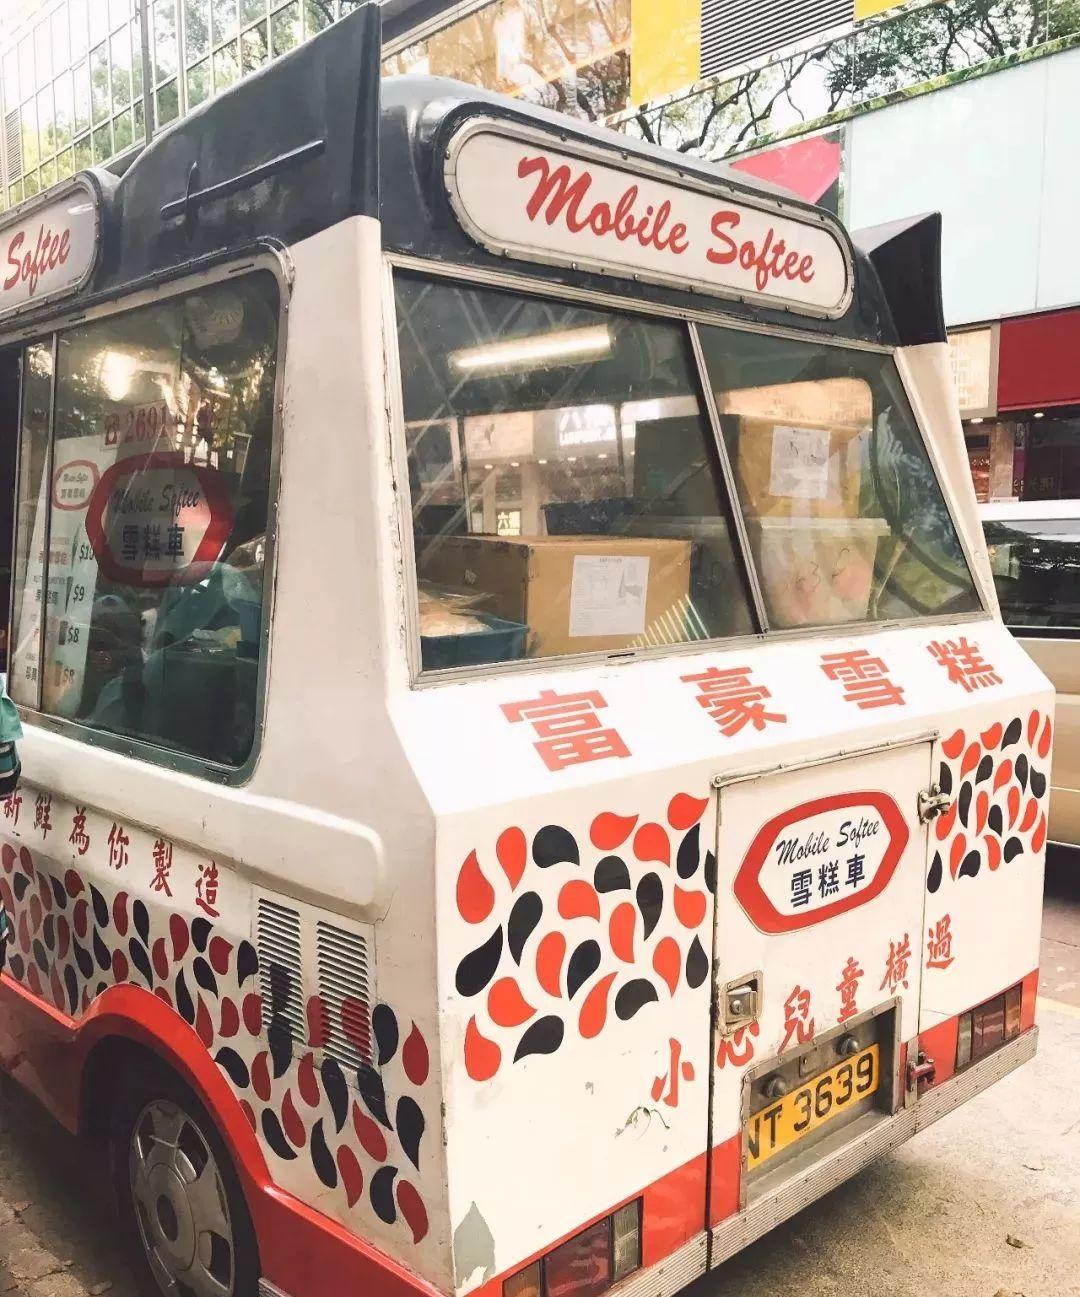 广深港高铁要开通啦!吐血整理香港美食攻略跟美食的好听的背景音乐关于图片